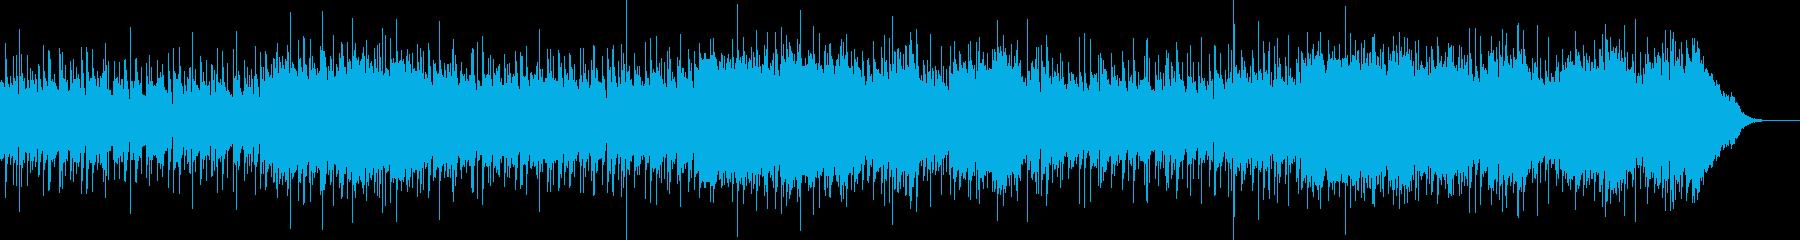 ポップ 説明的 静か 希望的 バッ...の再生済みの波形